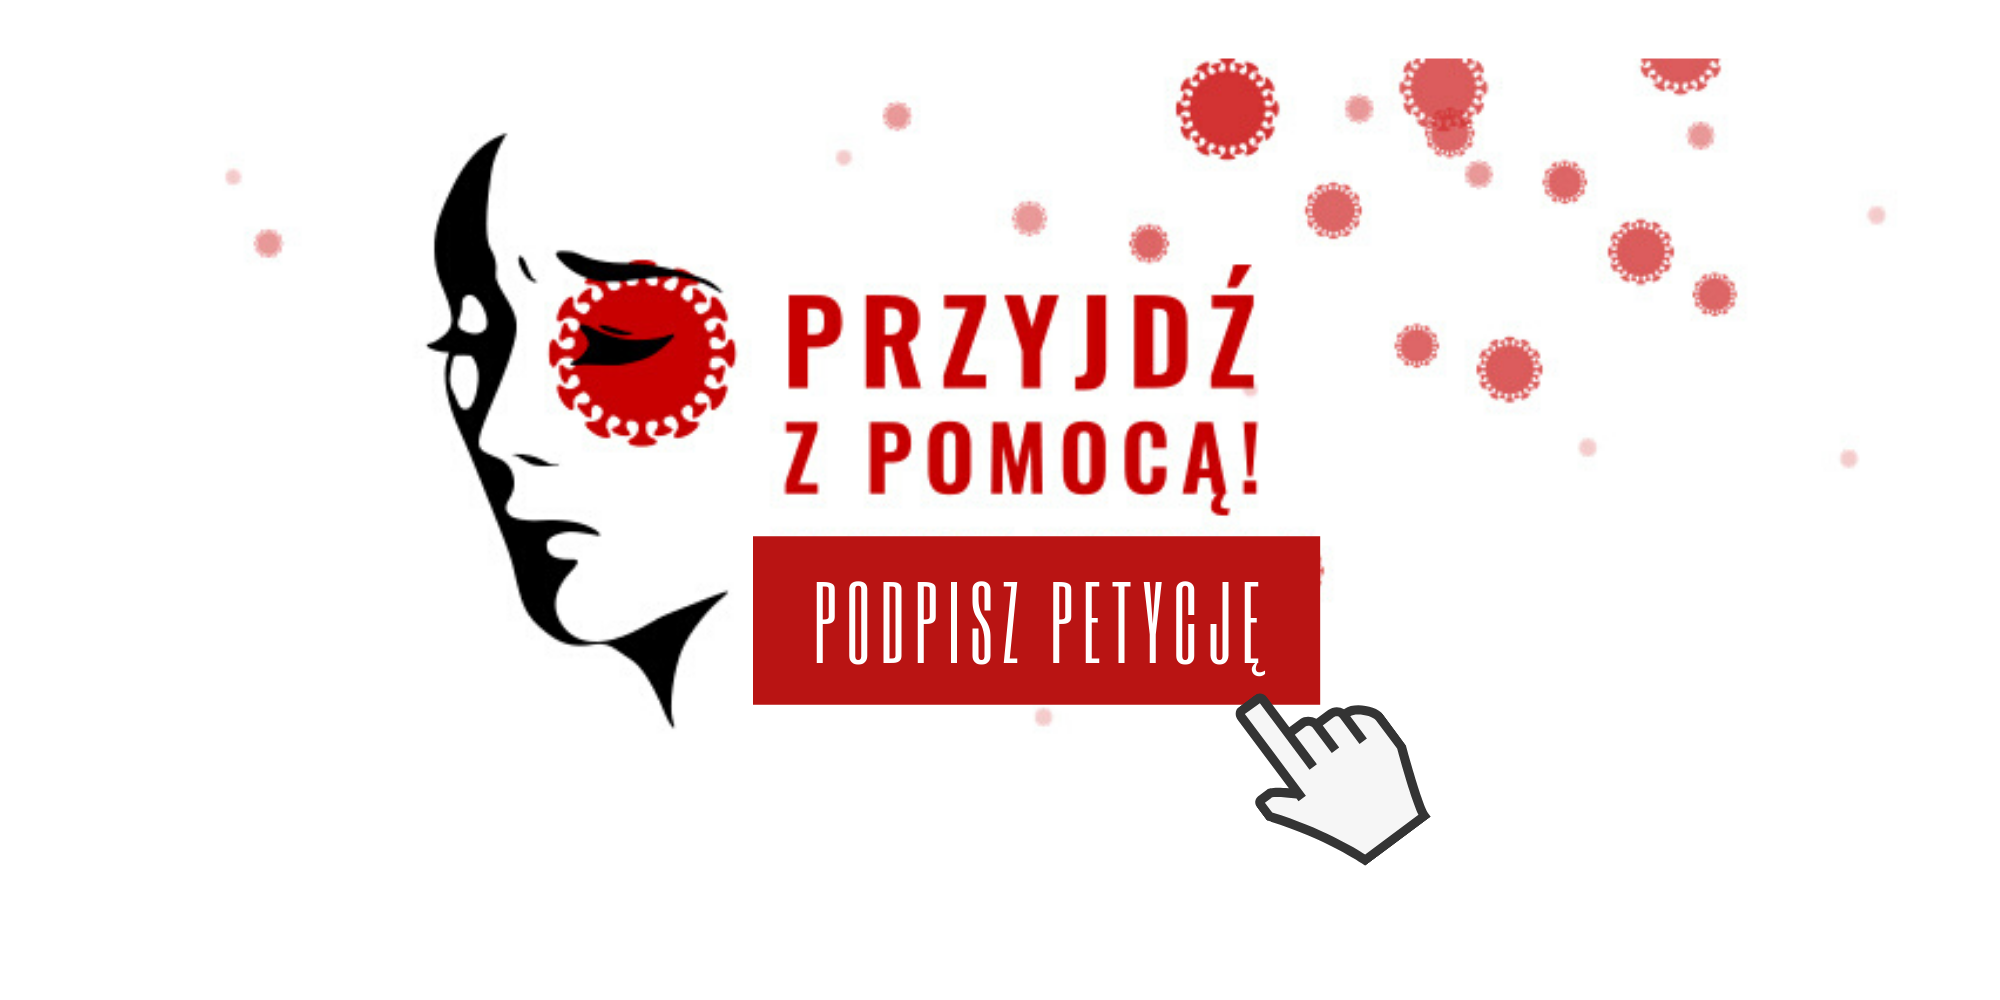 komunikaty mazursko-warmiskie - Instytut Pnocny